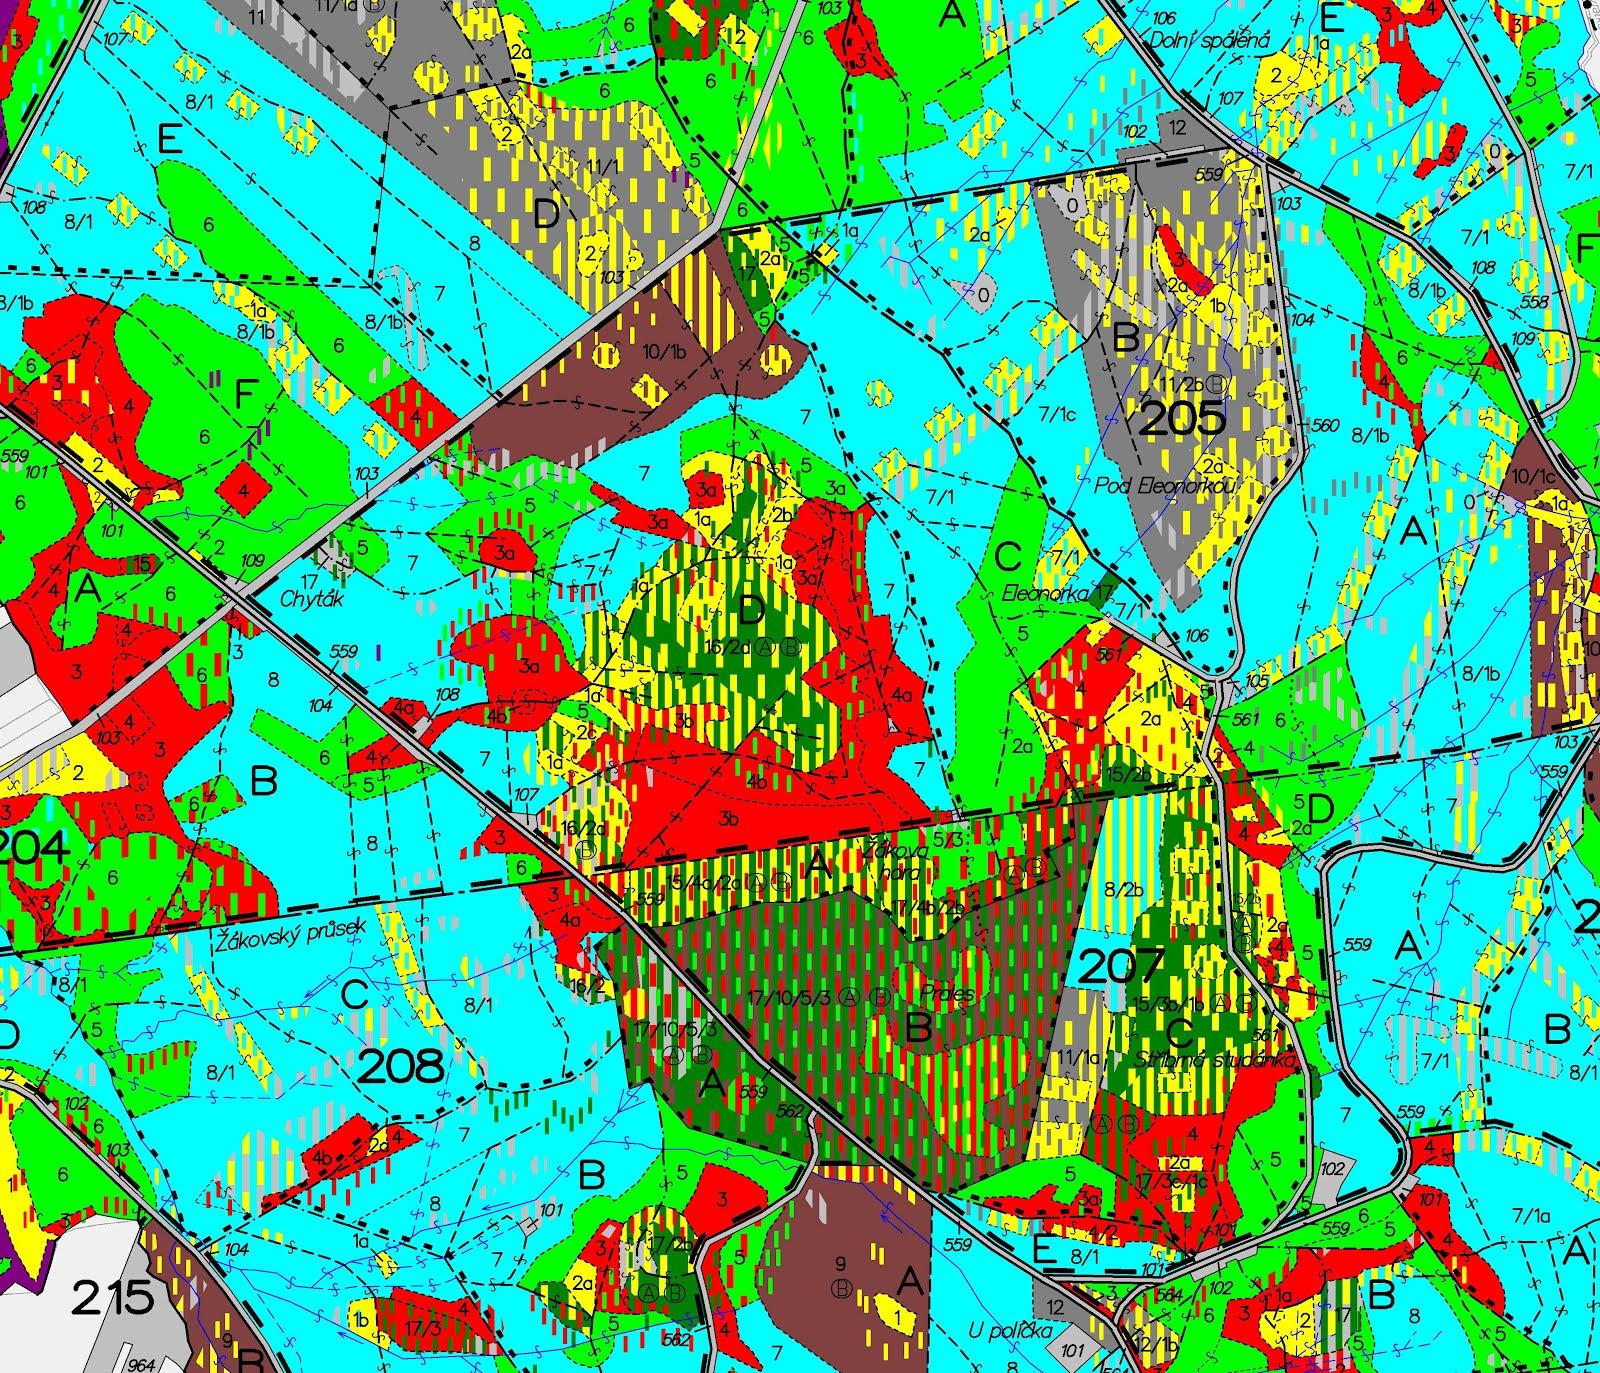 Lesprojekt Hradec Kralove Porostni Mapa